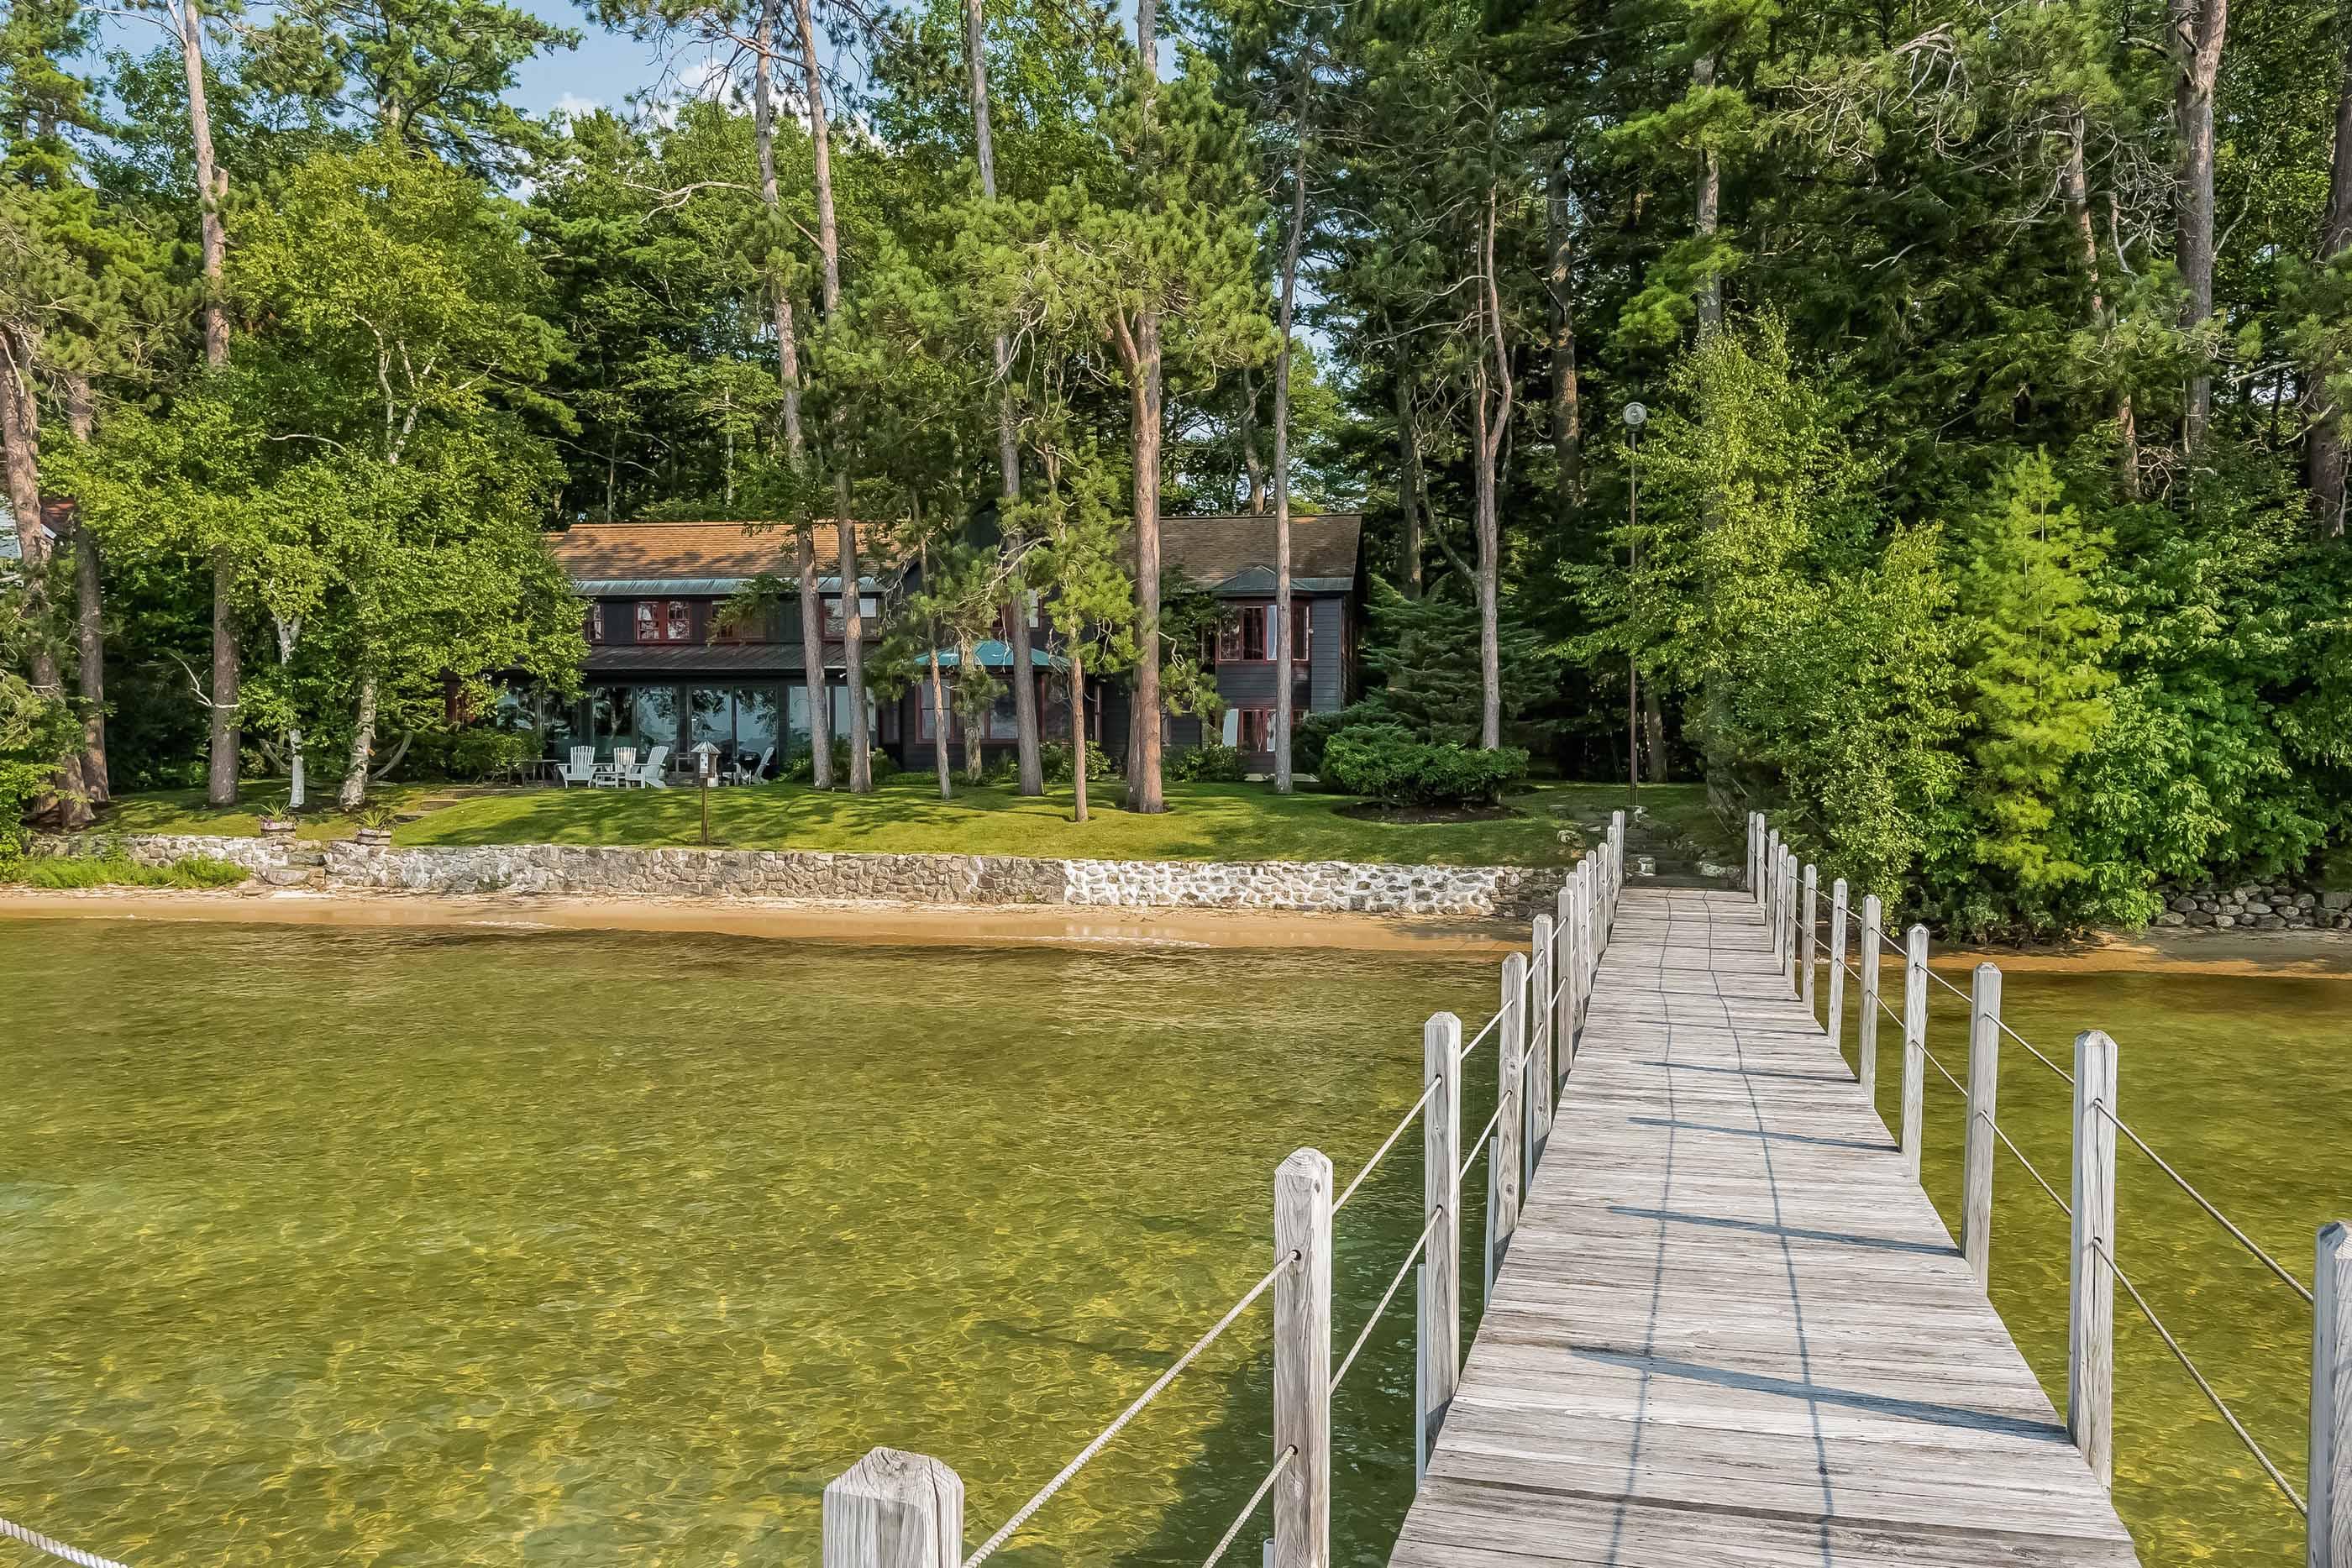 Частный односемейный дом для того Продажа на 88 Pendleton Beach Rd, Laconia Laconia, Нью-Гэмпшир 03246 Соединенные Штаты